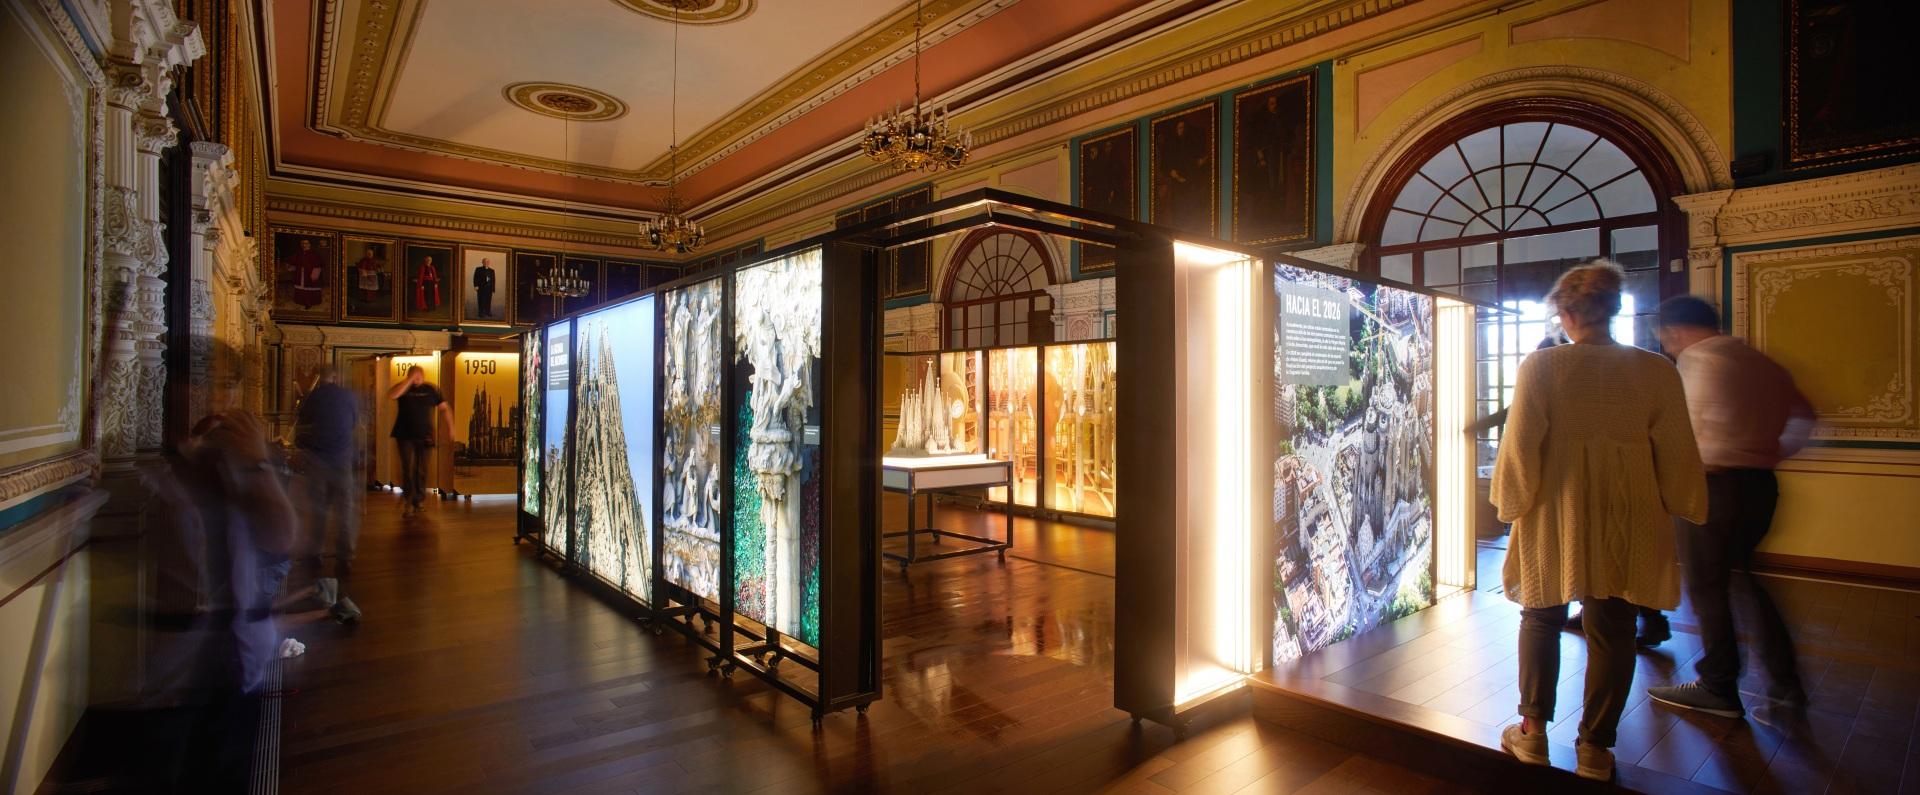 Exposición Gaudí Sagrada Familia. Imágenes del edificio en cajas iluminadas, maqueta. Visitantes de la exposición en sala antigua con retratos de cardenales.